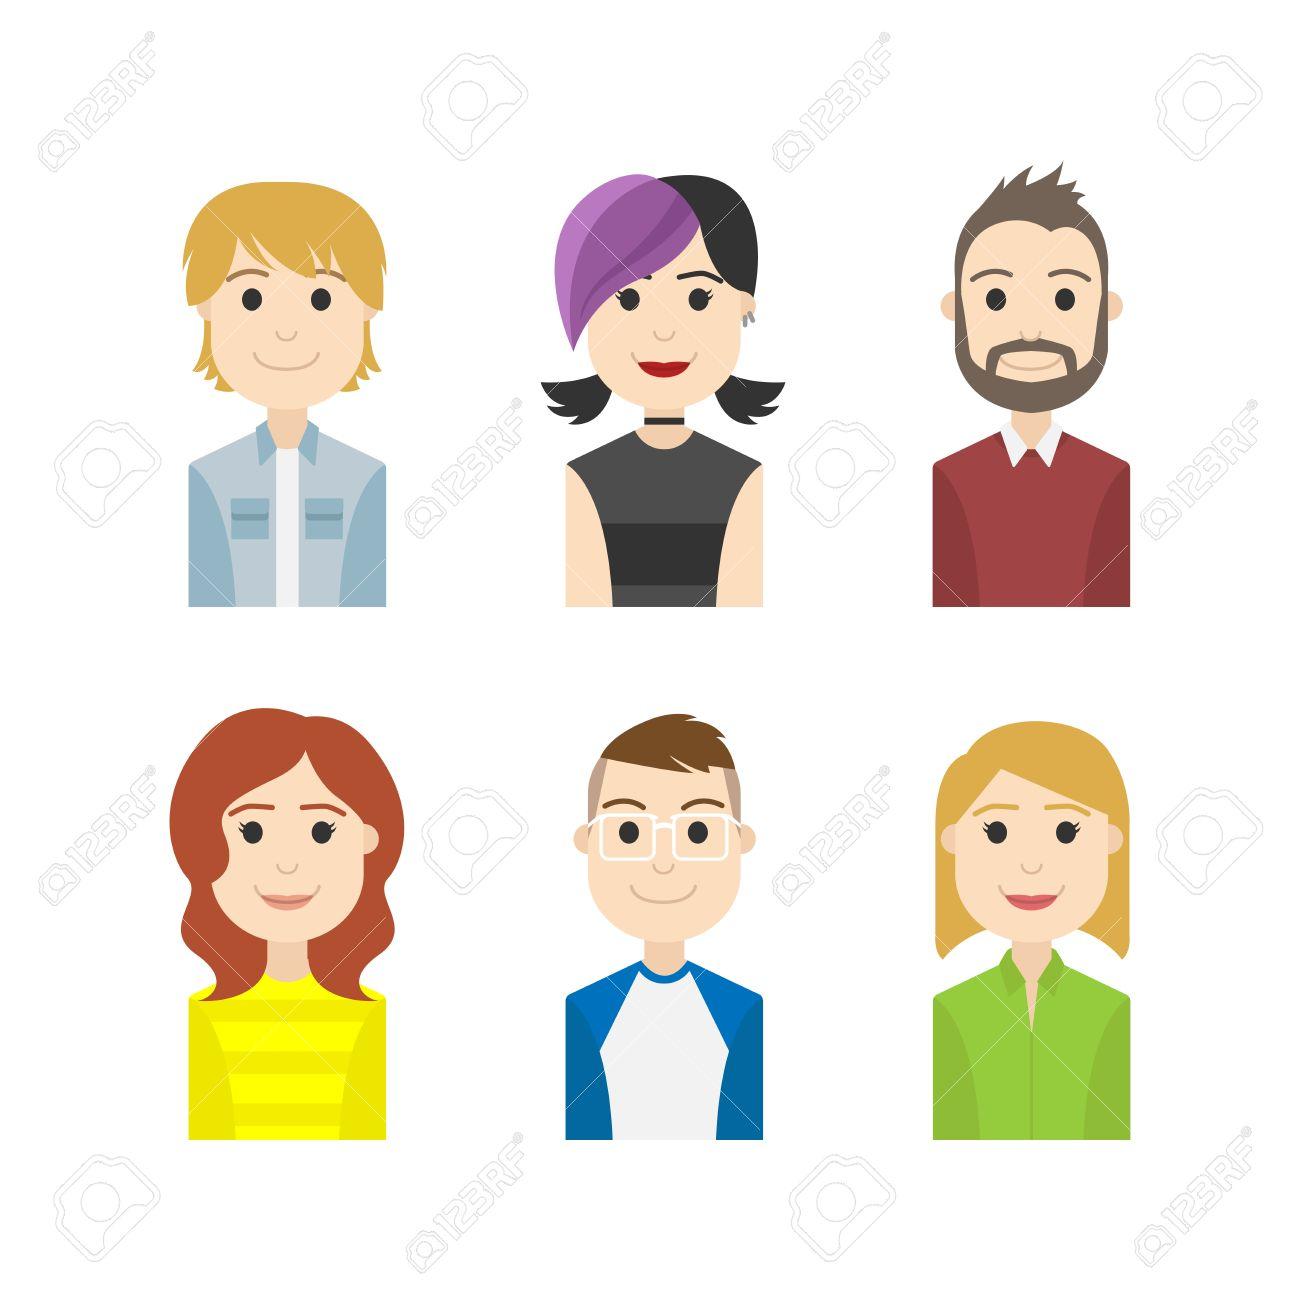 簡単な人々 アバター ビジネスとキャリア キャラクターのイラスト素材